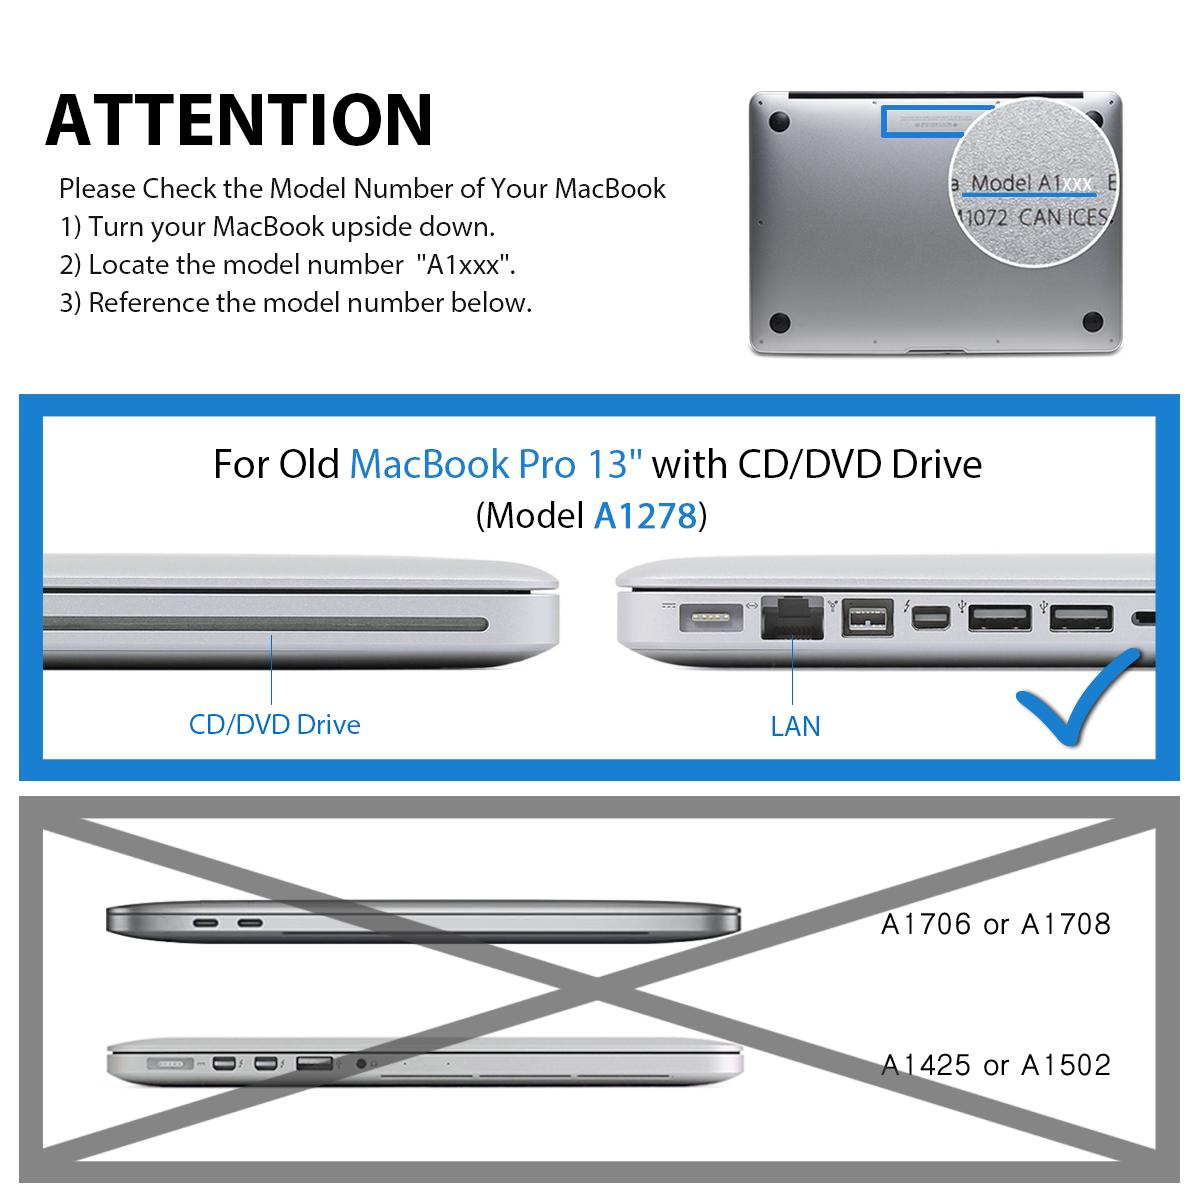 Macbook Pro User Manual 2010 15